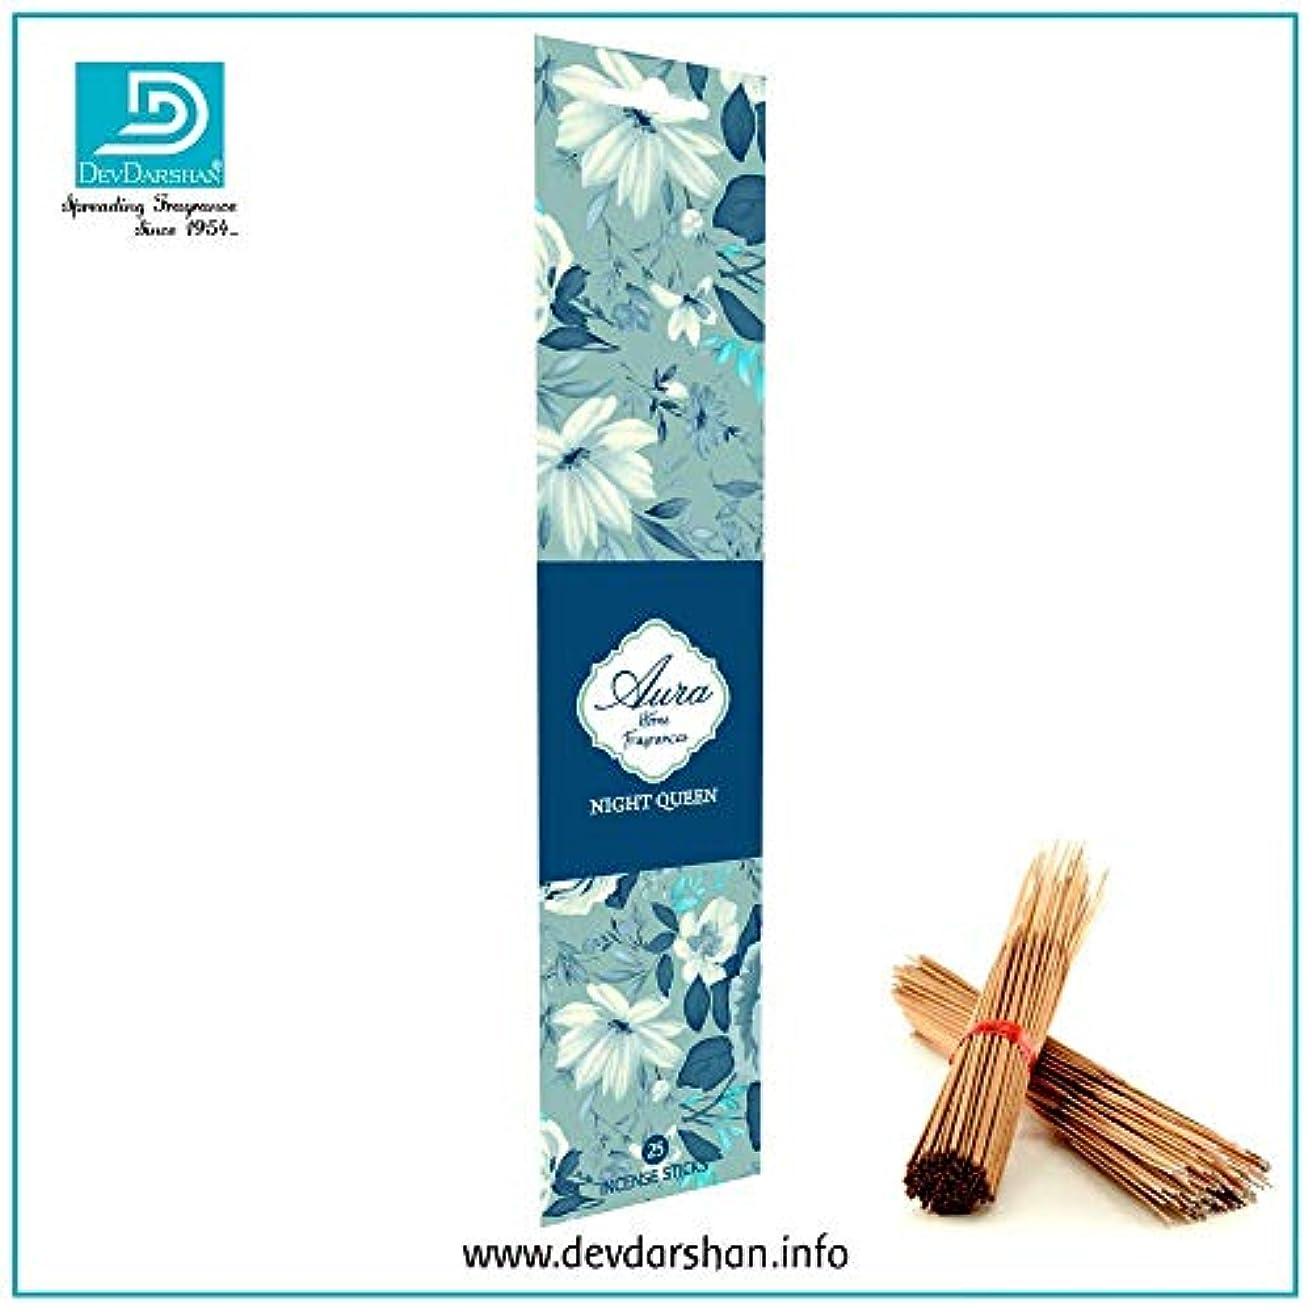 から聞く学習者ぼかすDevdarshan Aura Night Queen 3 Packs of 25 Incense Stick Each